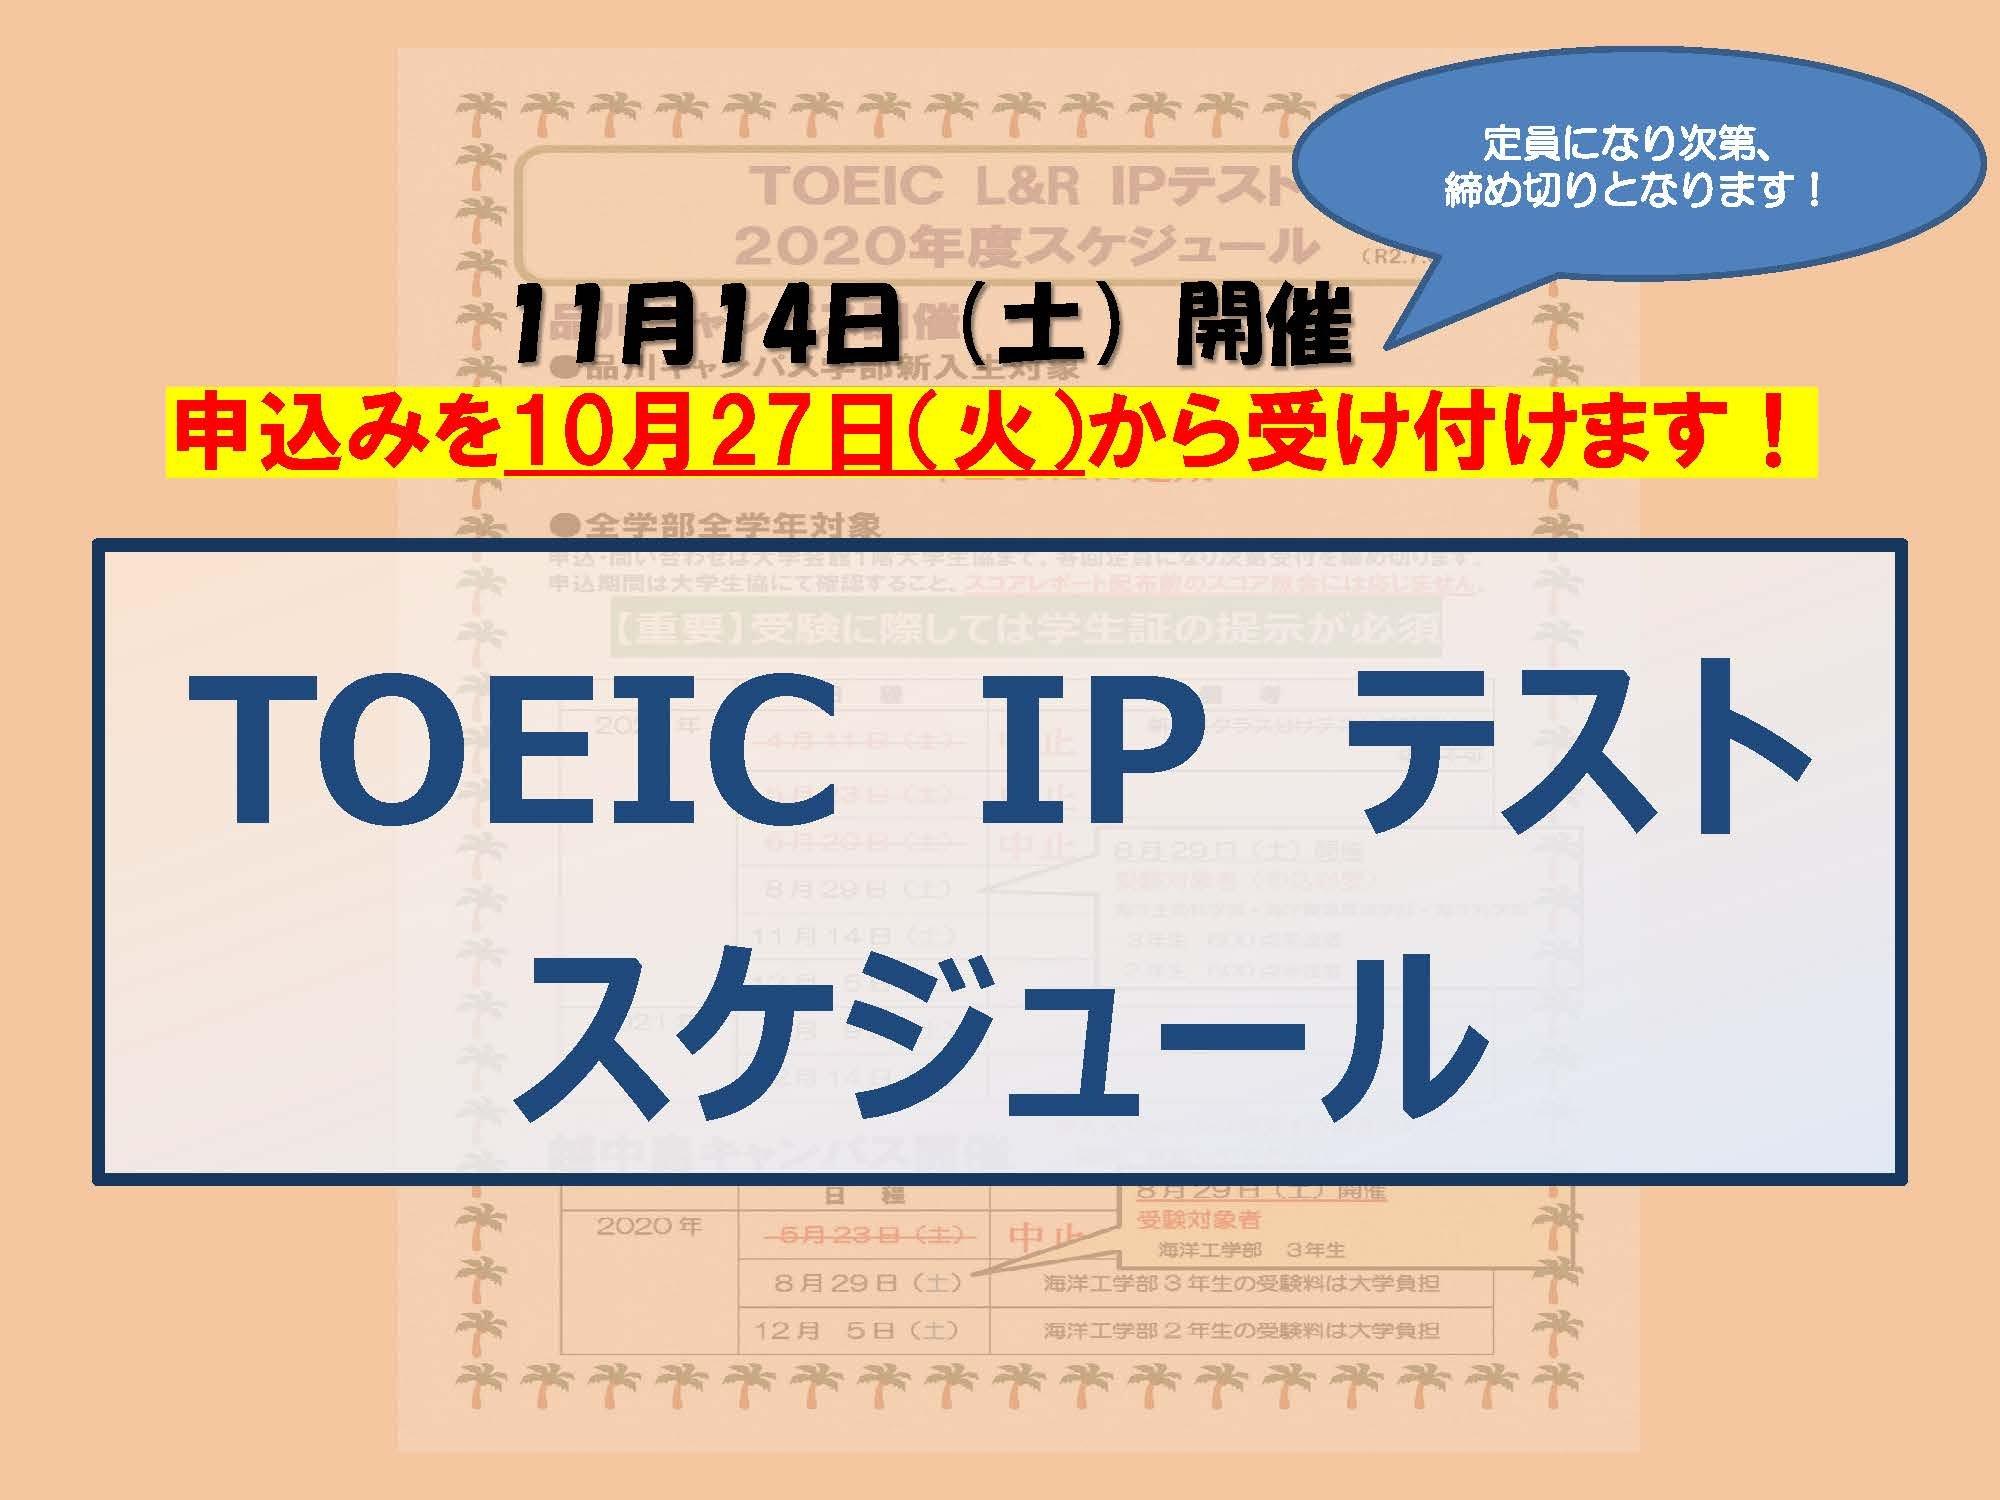 TOEIC IPテストスケジュール(11月14日追加申込みについて)